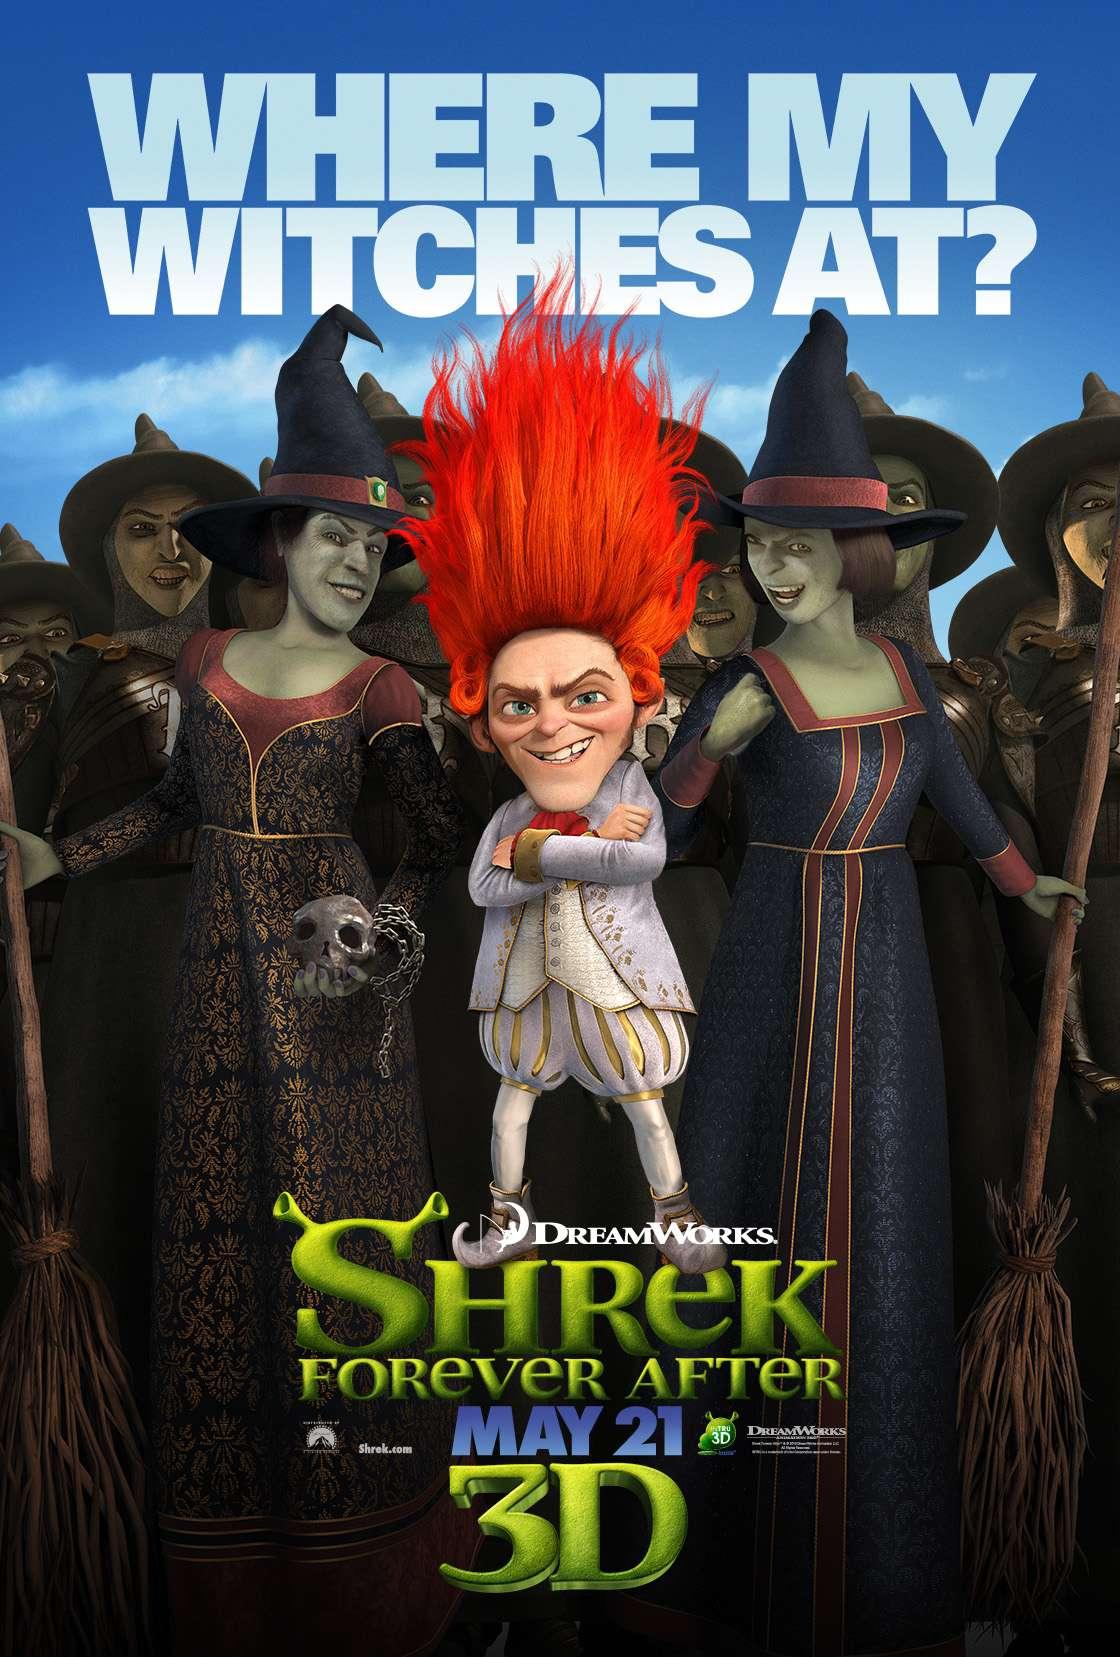 Dreamworks Reveals Six New 'Shrek Forever' Character ...